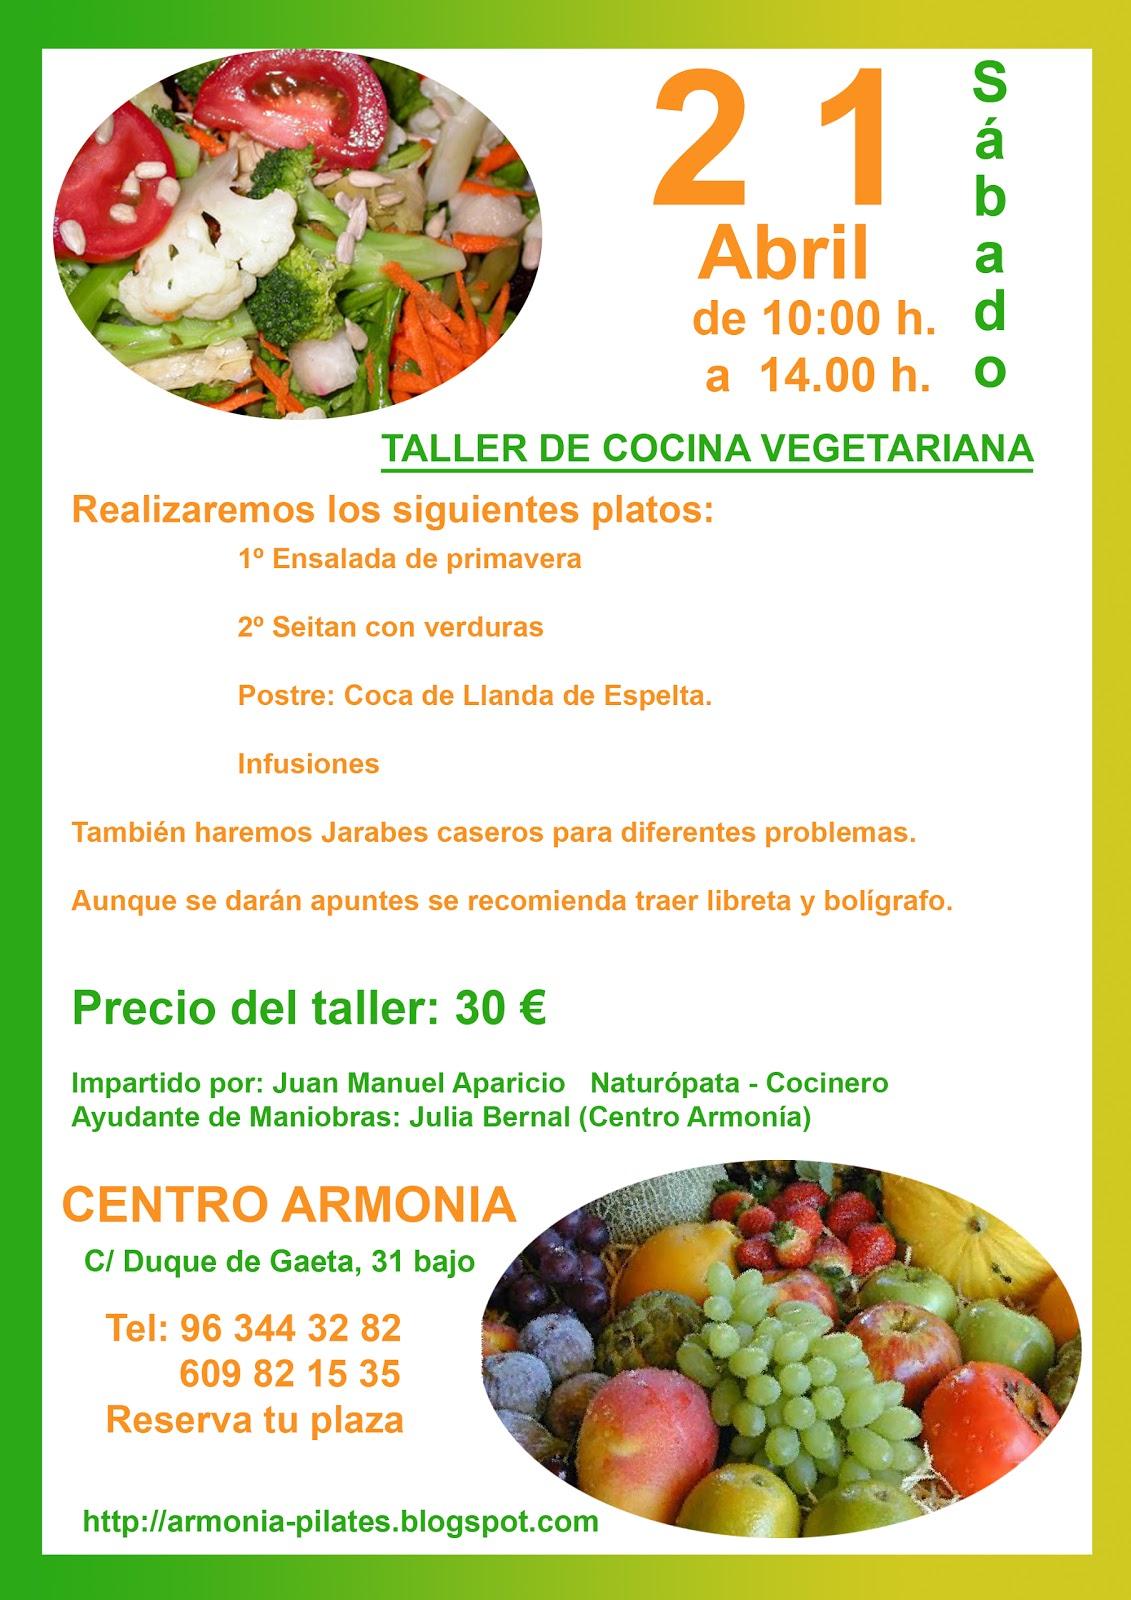 Centro armonia taller de cocina vegetariana for Cocina vegetariana